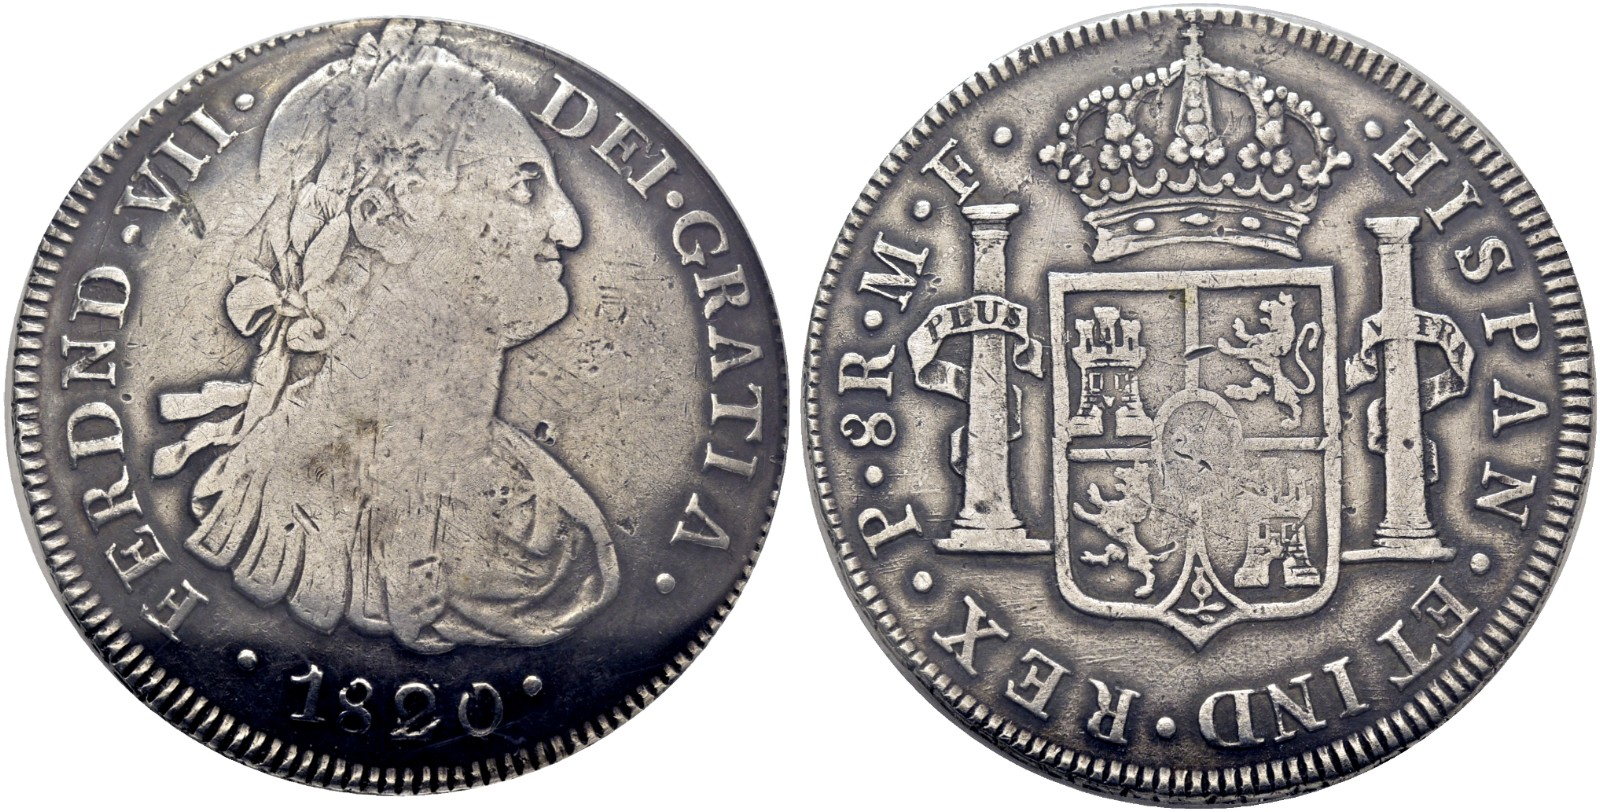 Dos piezas de 5 libras inglesas, estrellas en las últimas